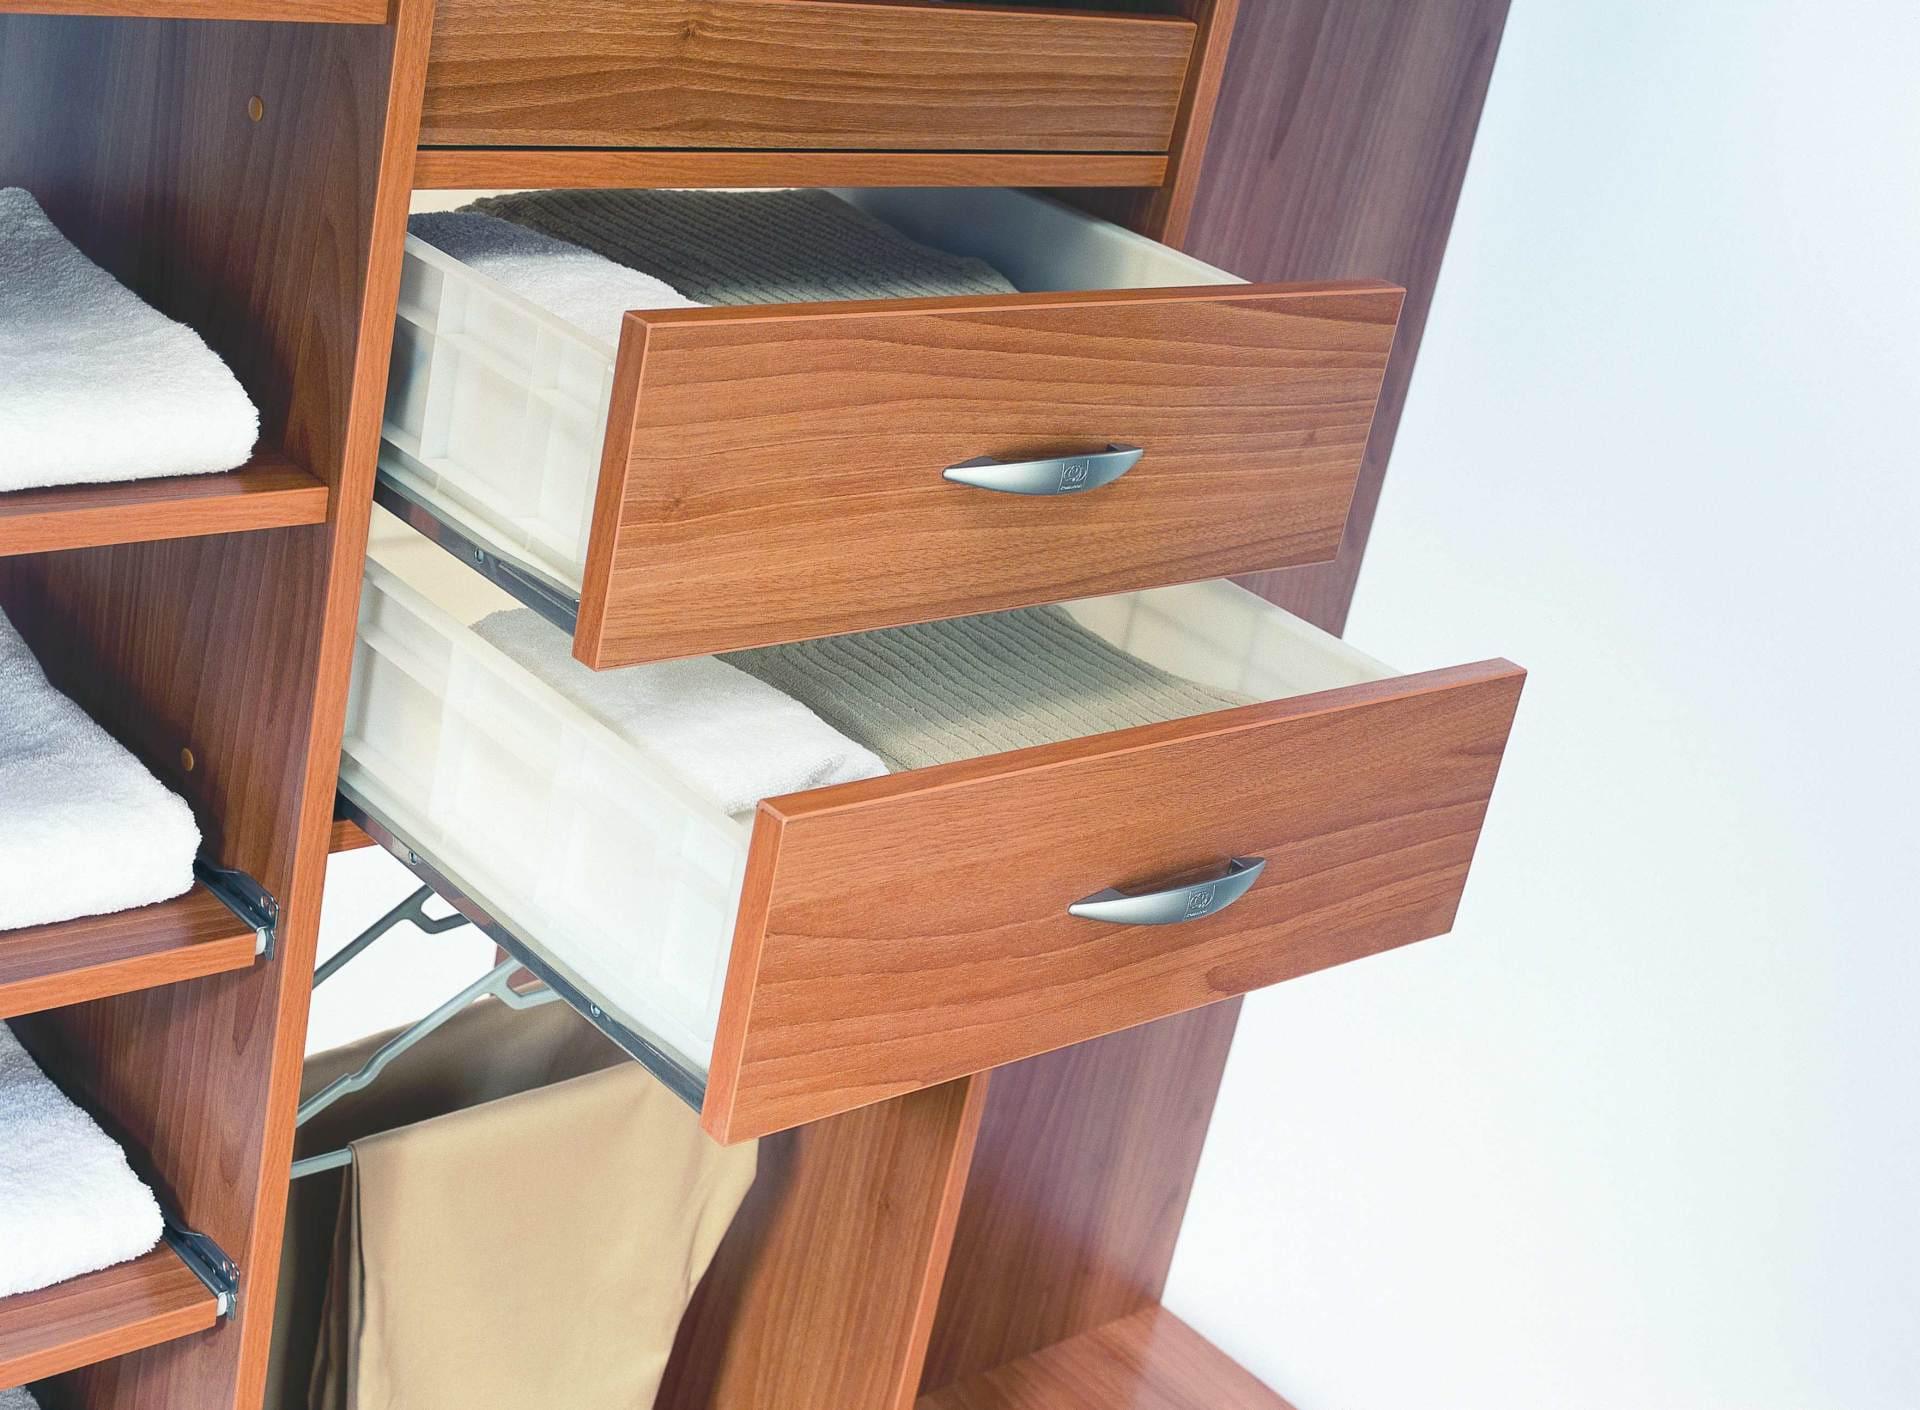 Внутреннее наполнение шкафа купе балтийский шкаф: купить шка.